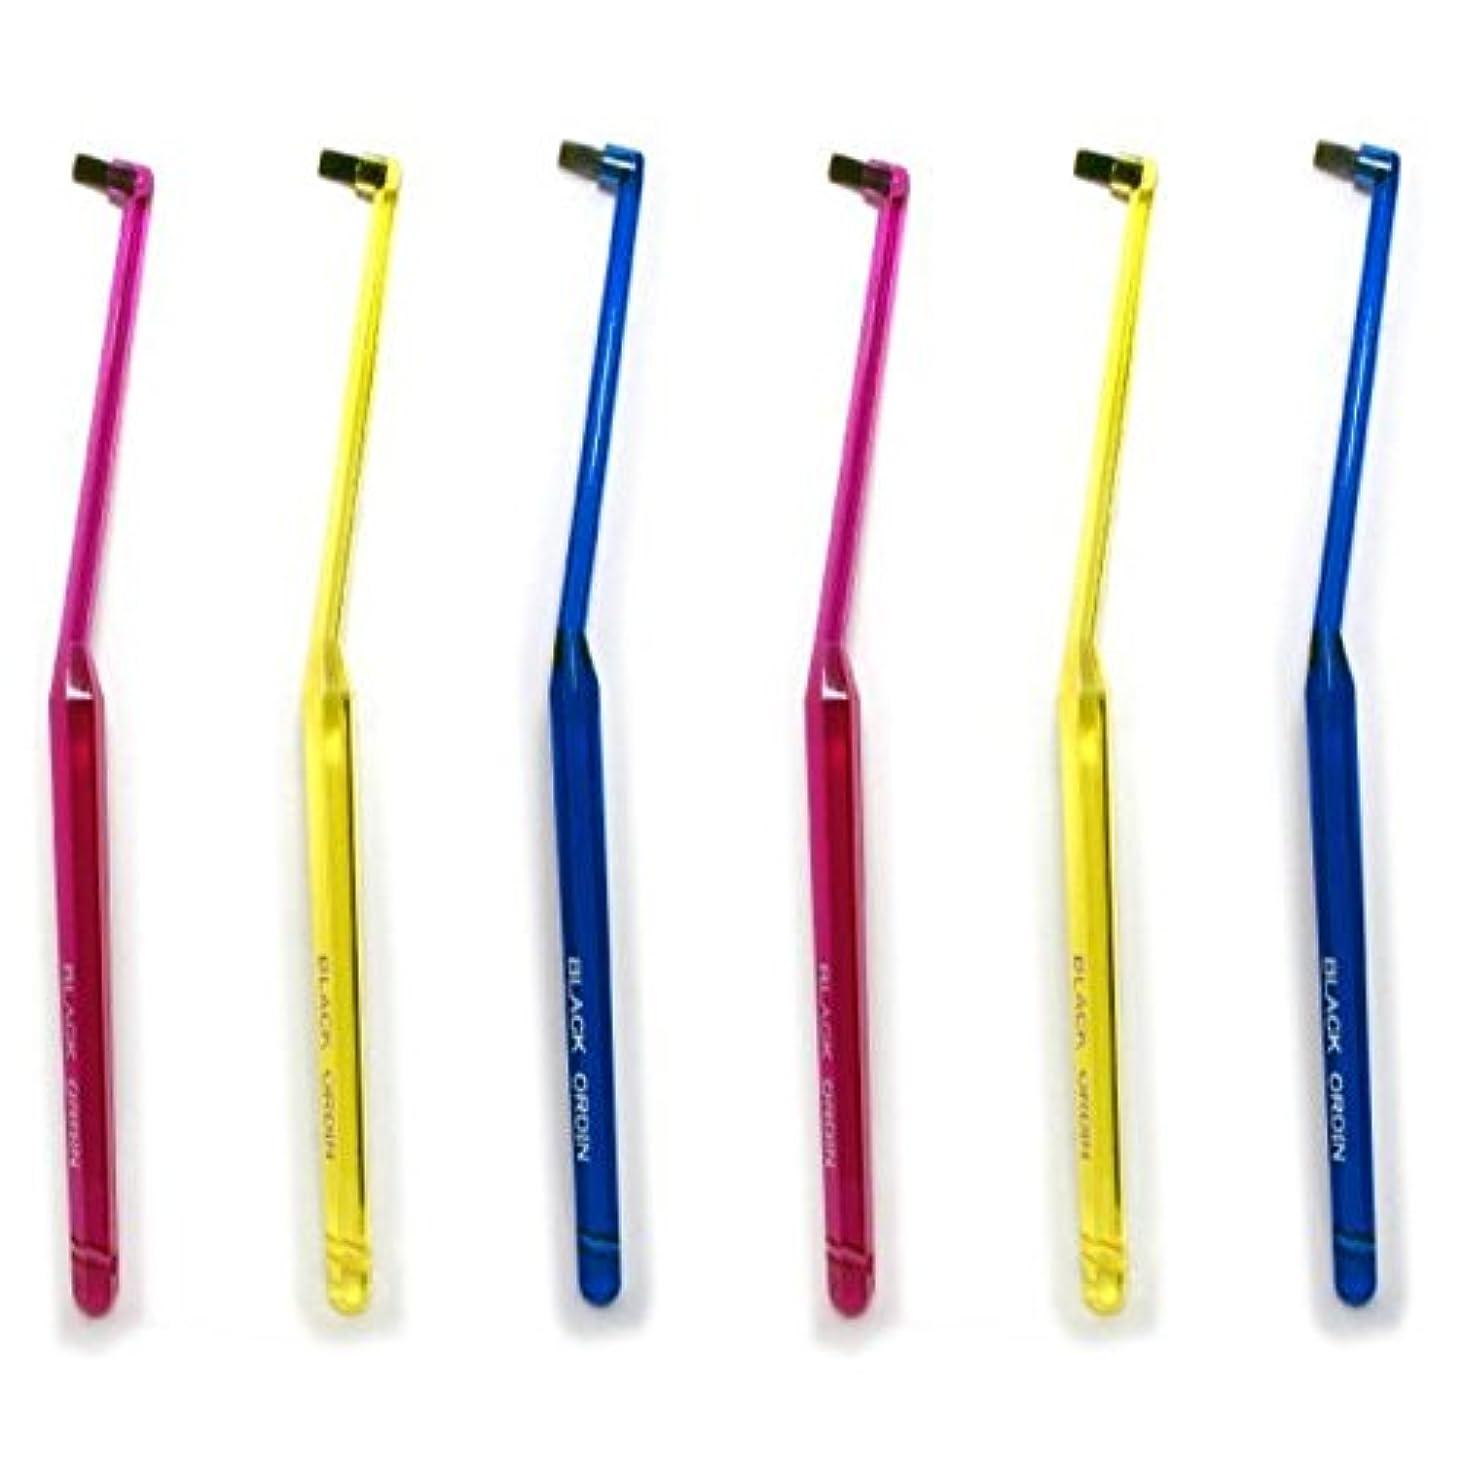 関係ない噛む証明ワンタフトブラシ ブラックオーディン ワンタフト×6本セット 部分用歯ブラシ 歯磨き 歯ブラシ